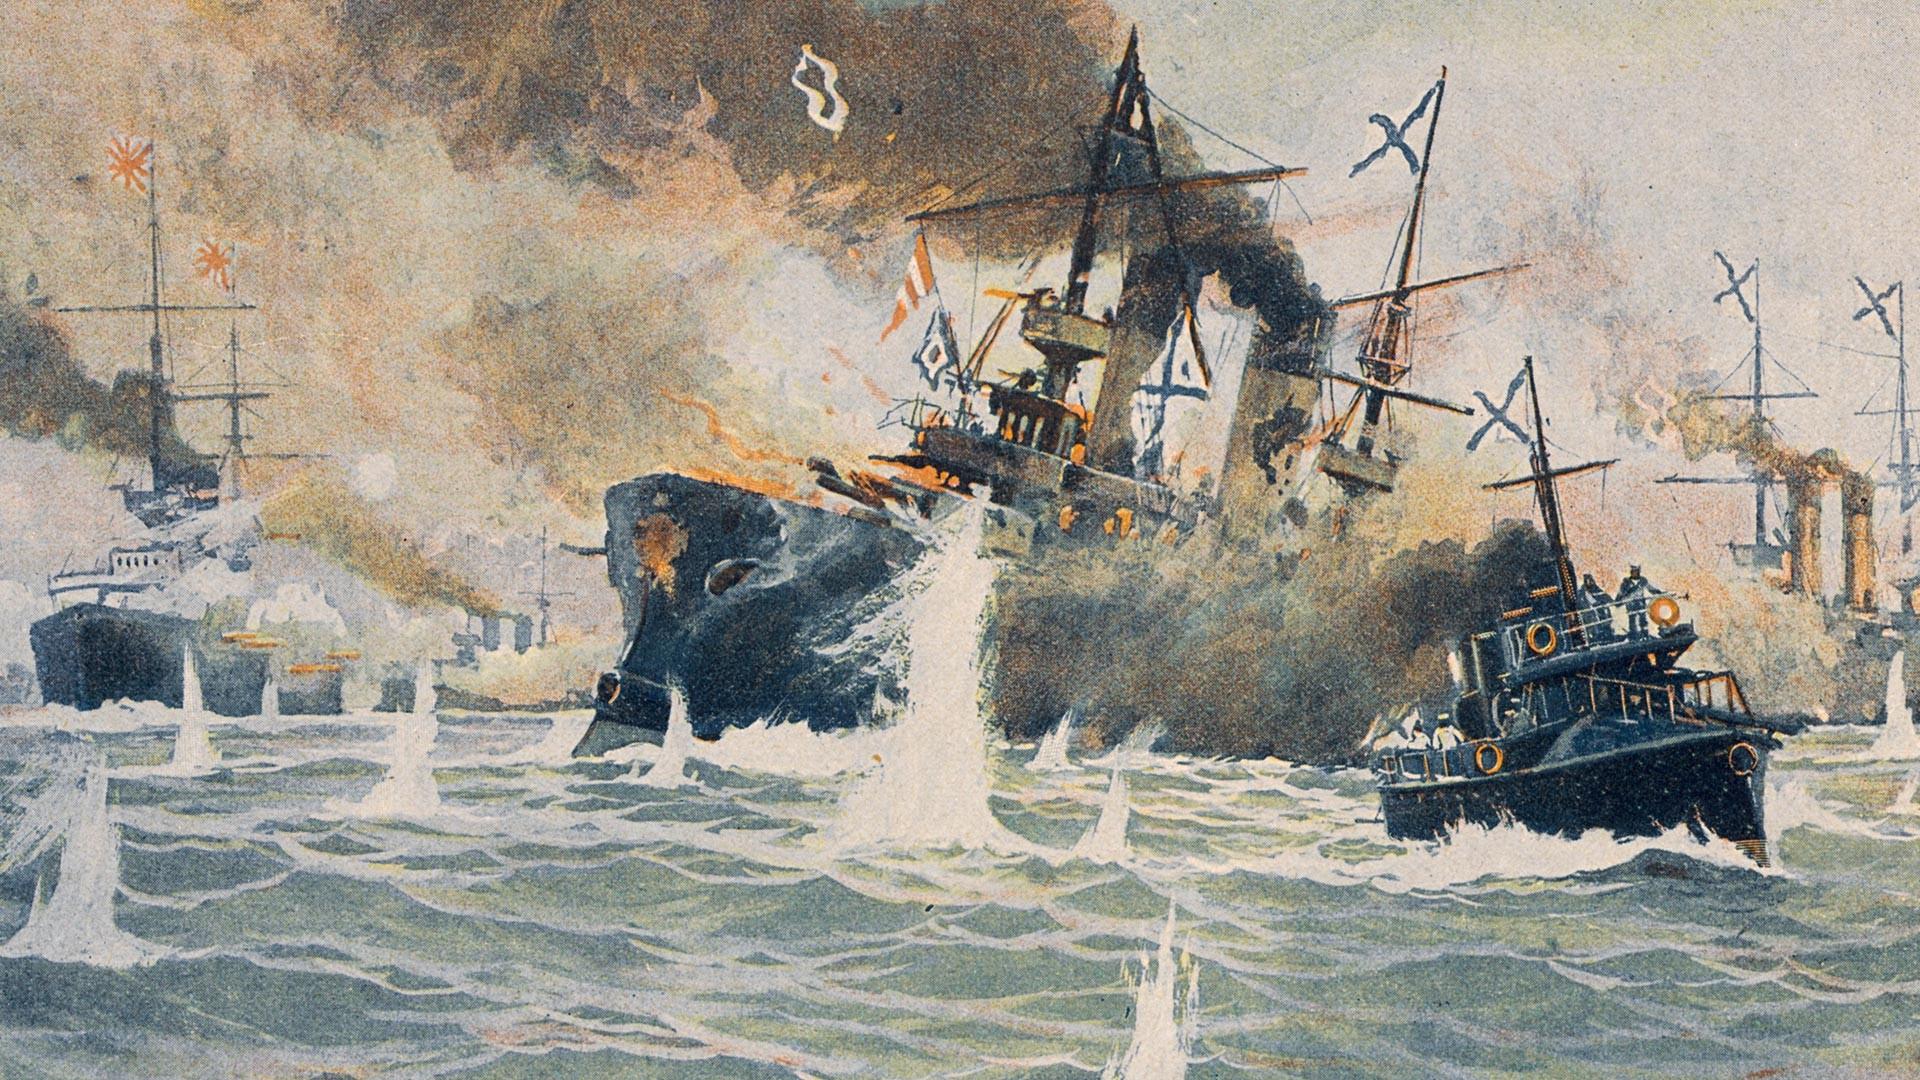 日本海海戦。ロジェストヴェンスキー少将は沈没船『ボロジノ』から魚雷艇『ブイニス』へ移動する。